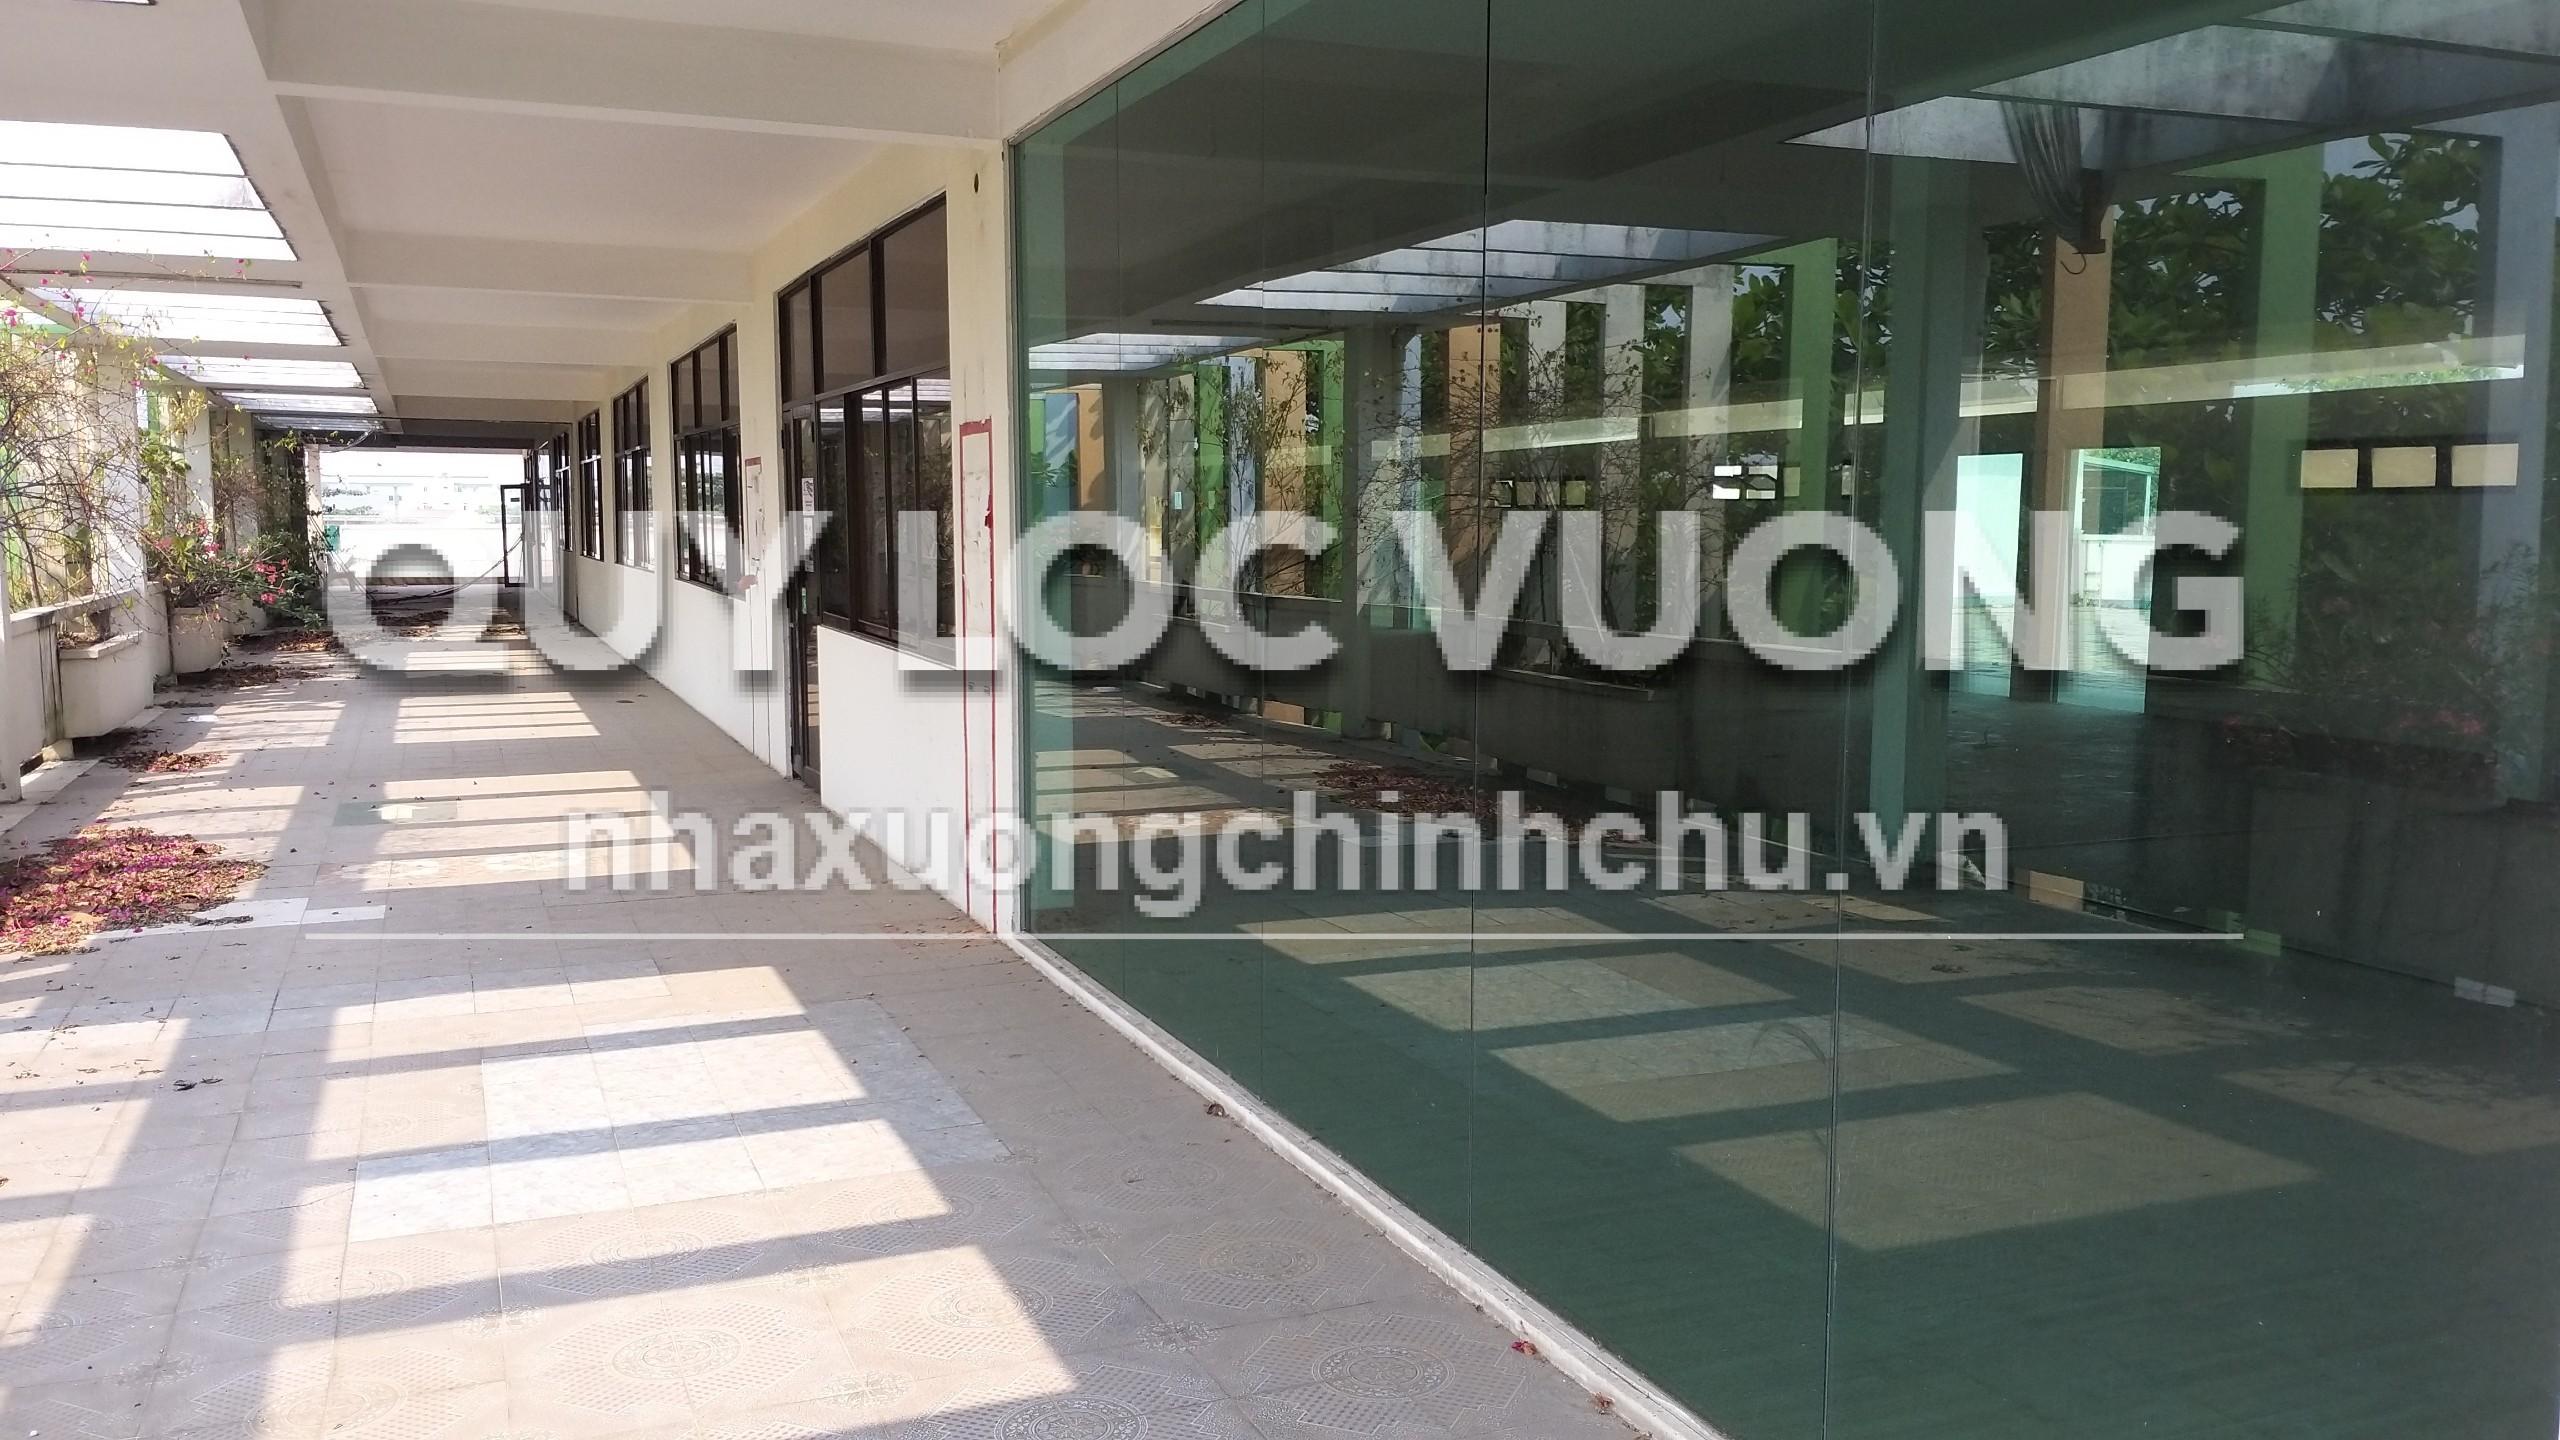 Cho thuê xưởng may mặc 13.500m2 ở quốc lộ 1A phường An Phú Đông Quận 12